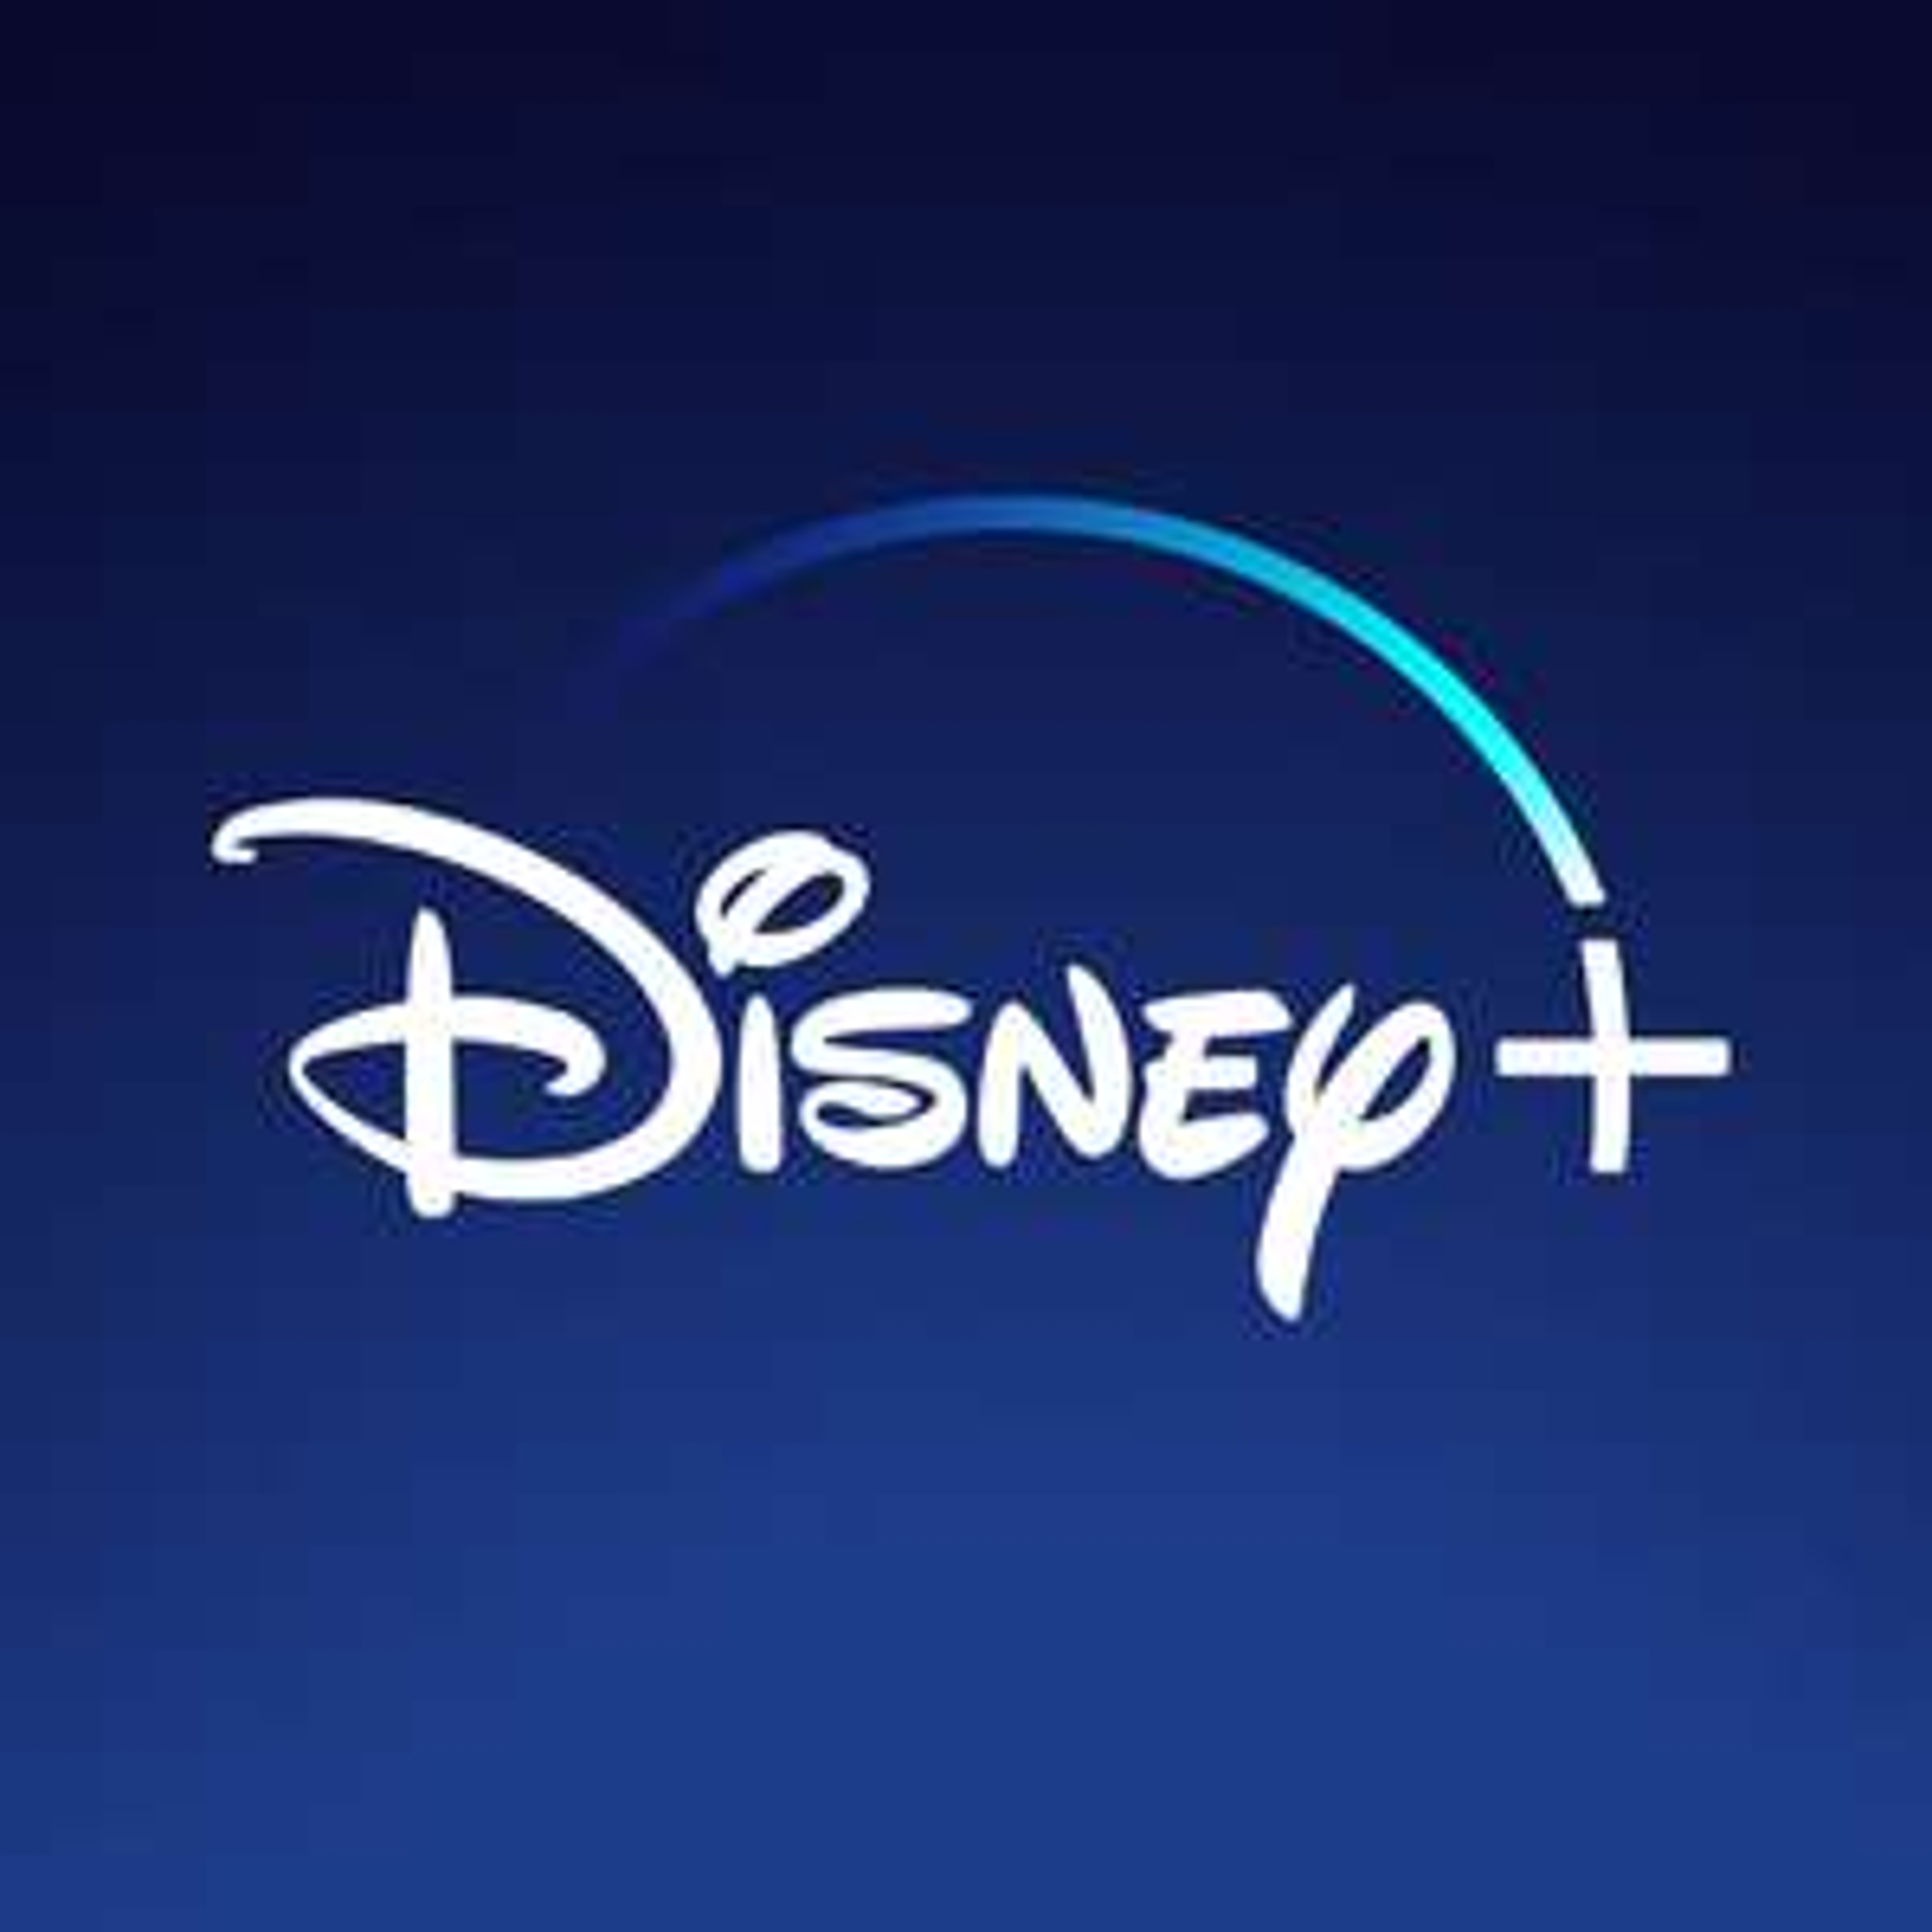 Disney+: GRATIS 7 DÍAS (Se necesita VPN Holanda/USA/Canada)